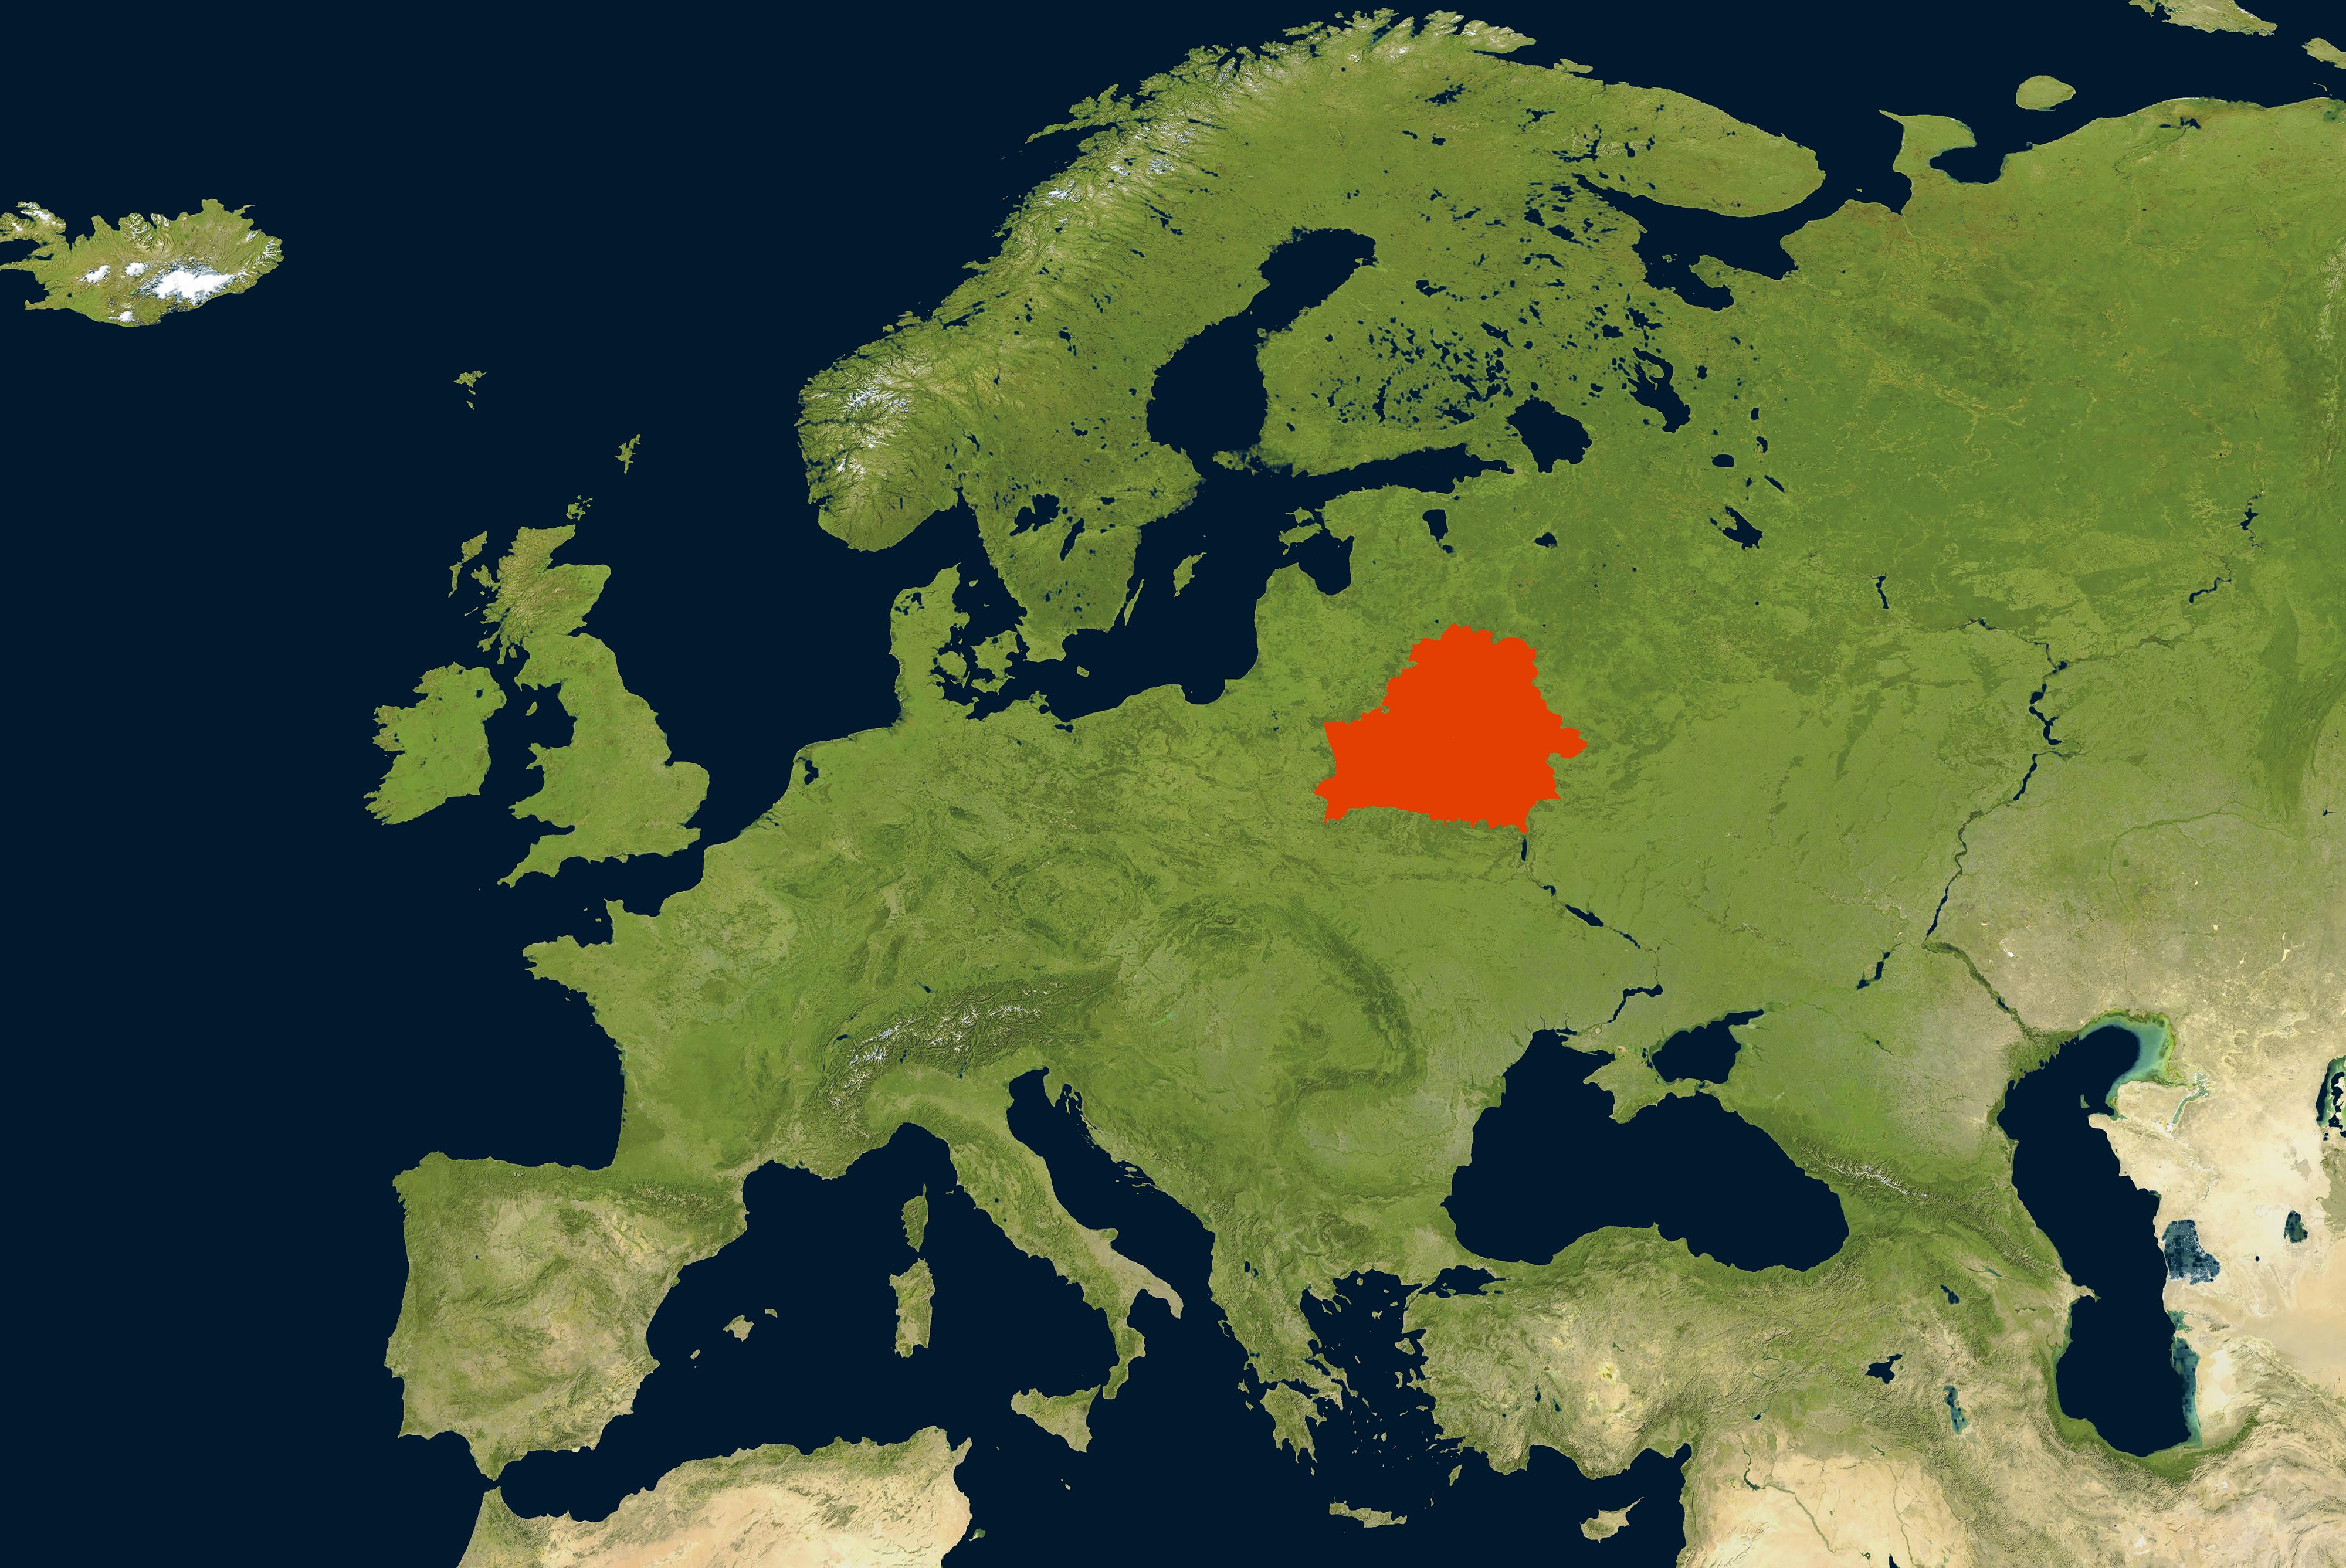 Aleksandr Lukaşenko a ordonat închiderea frontierei dintre Belarus și Ucraina